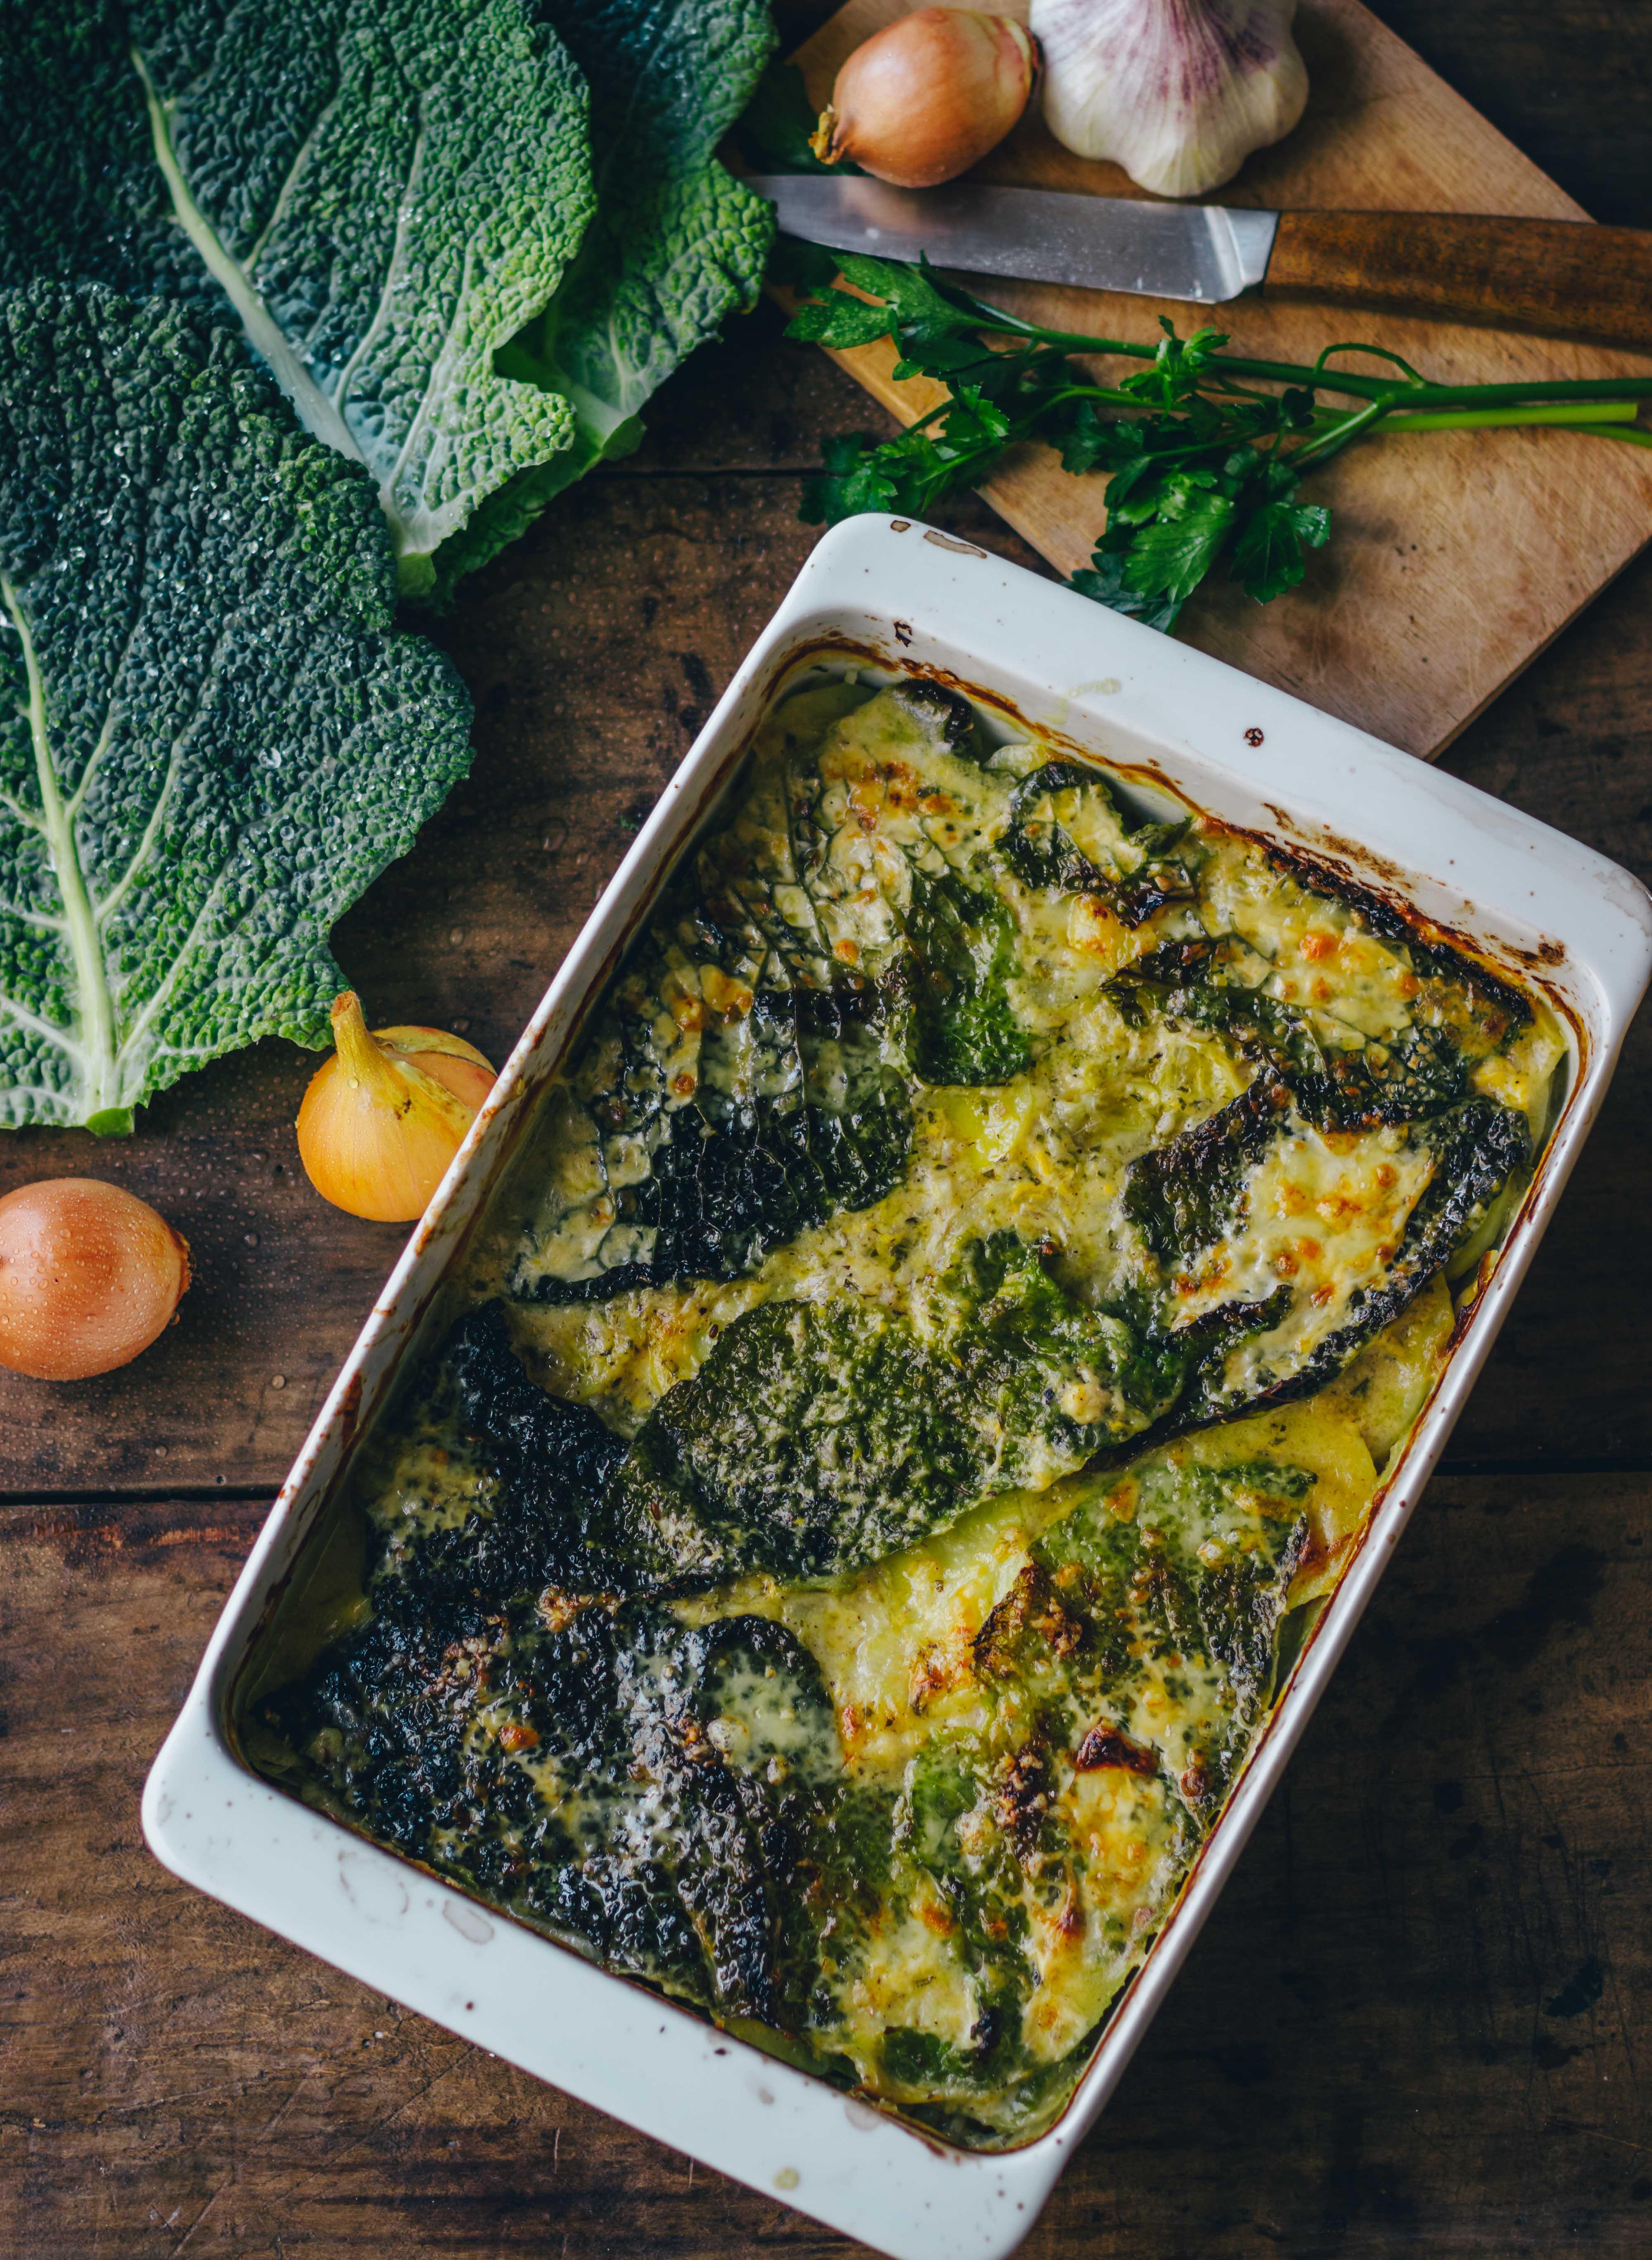 Savoy cabbage casserole